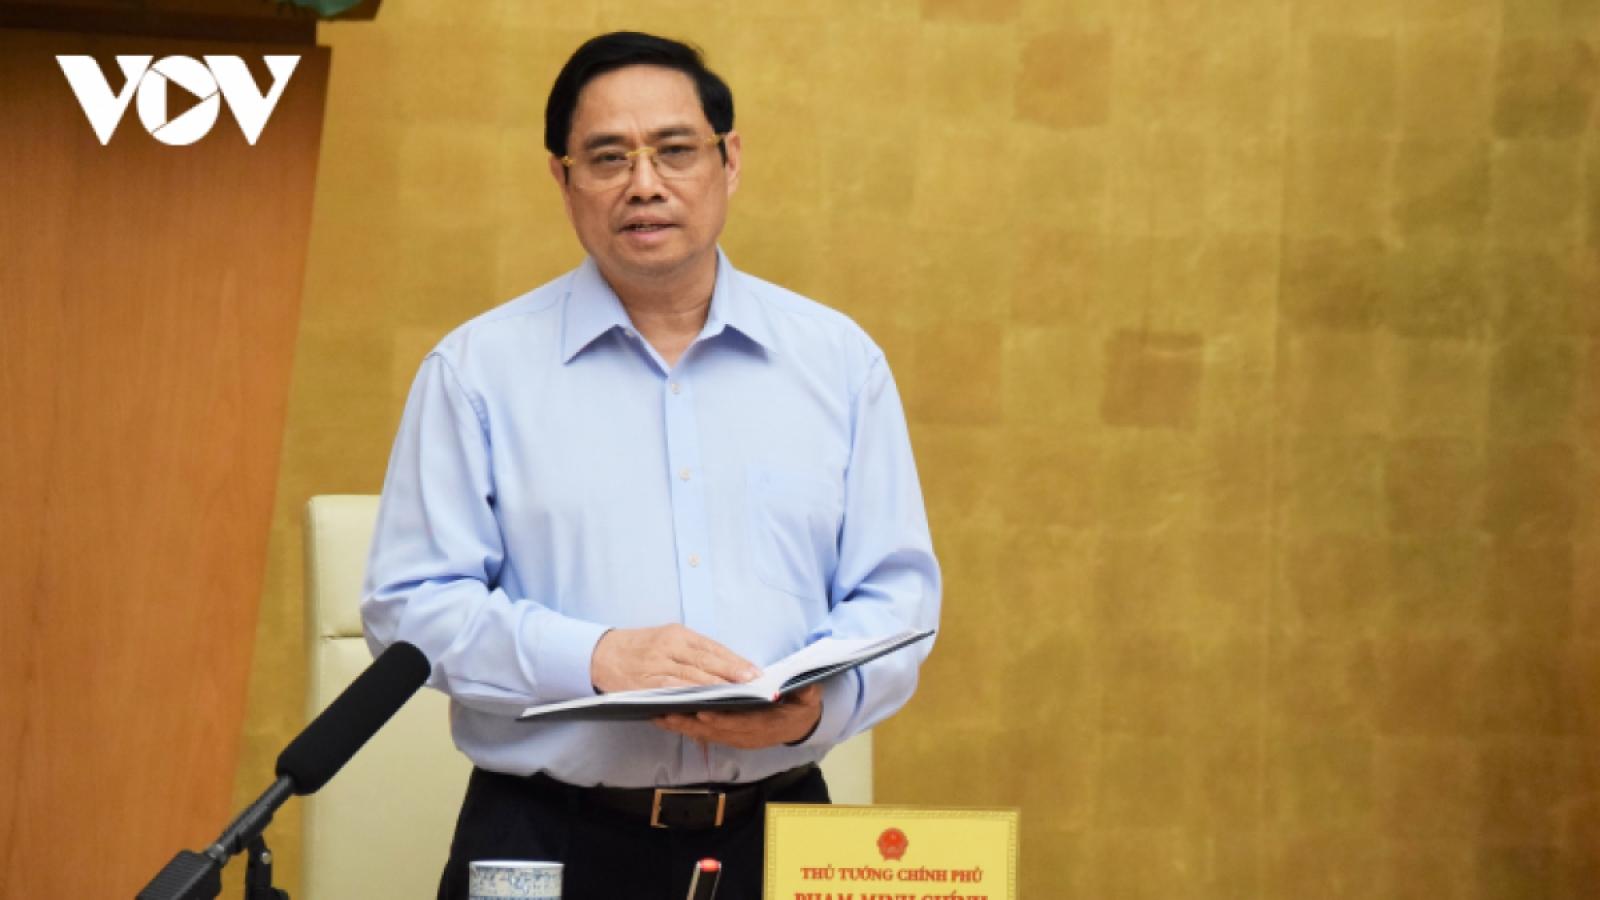 Thủ tướng đề nghị khen thưởng kịp thời trong phòng, chống COVID-19